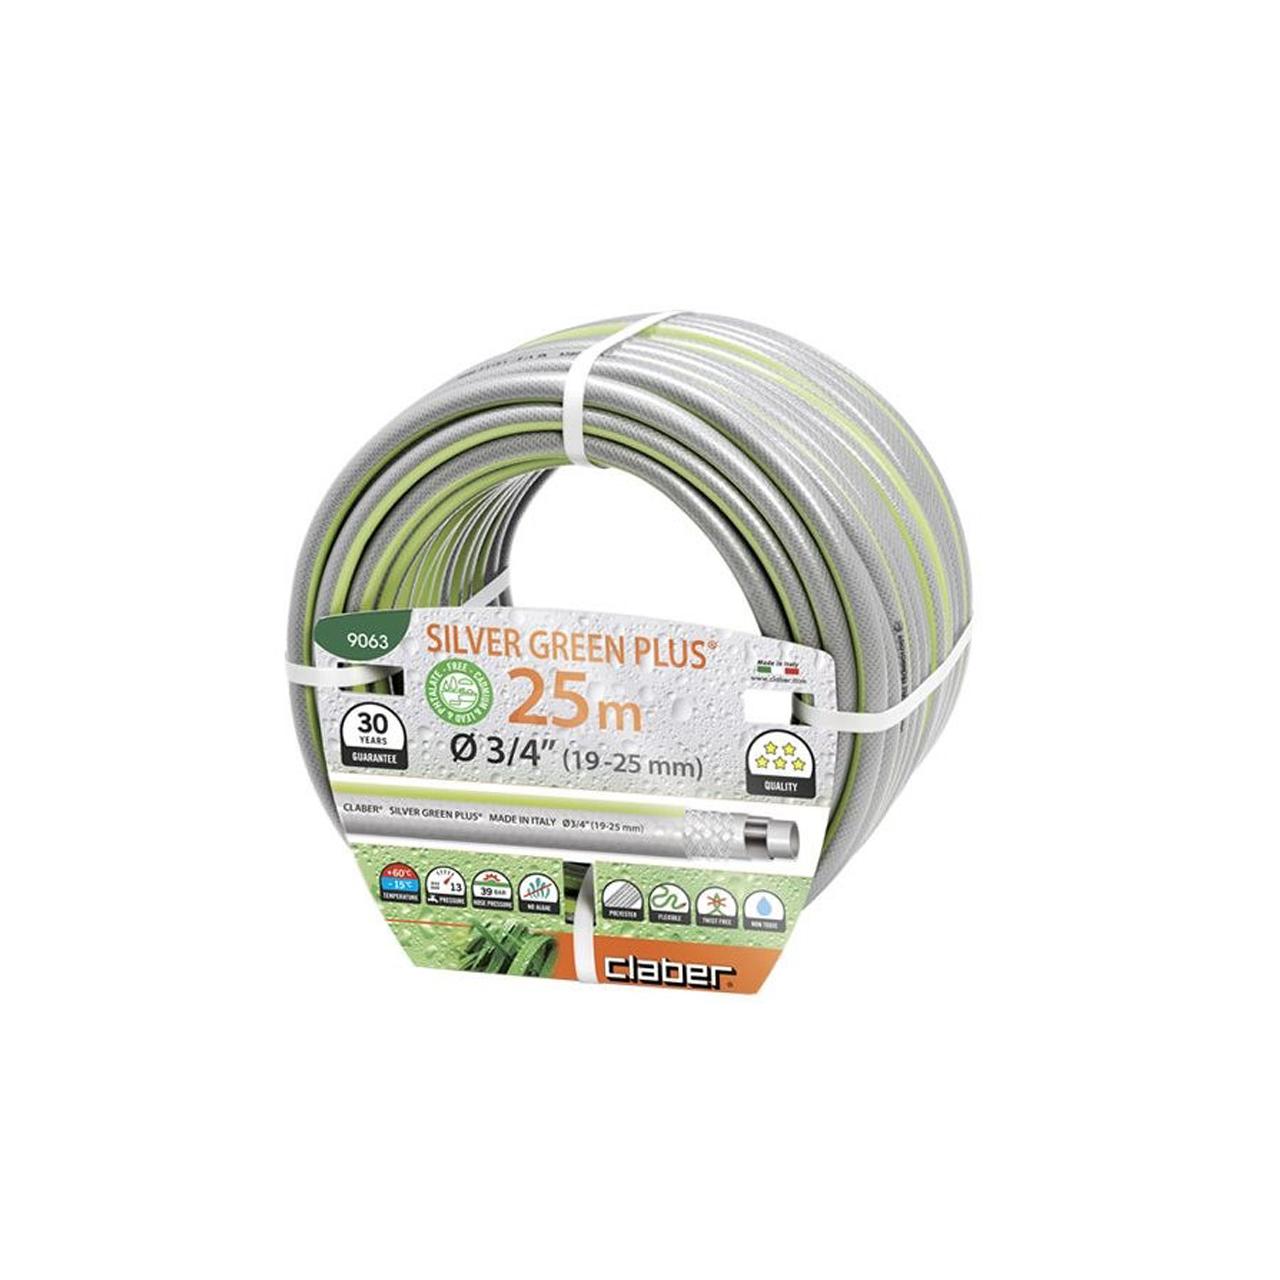 """Claber 9063 - zahradní hadice Silver green Plus 3/4"""" - 25m"""